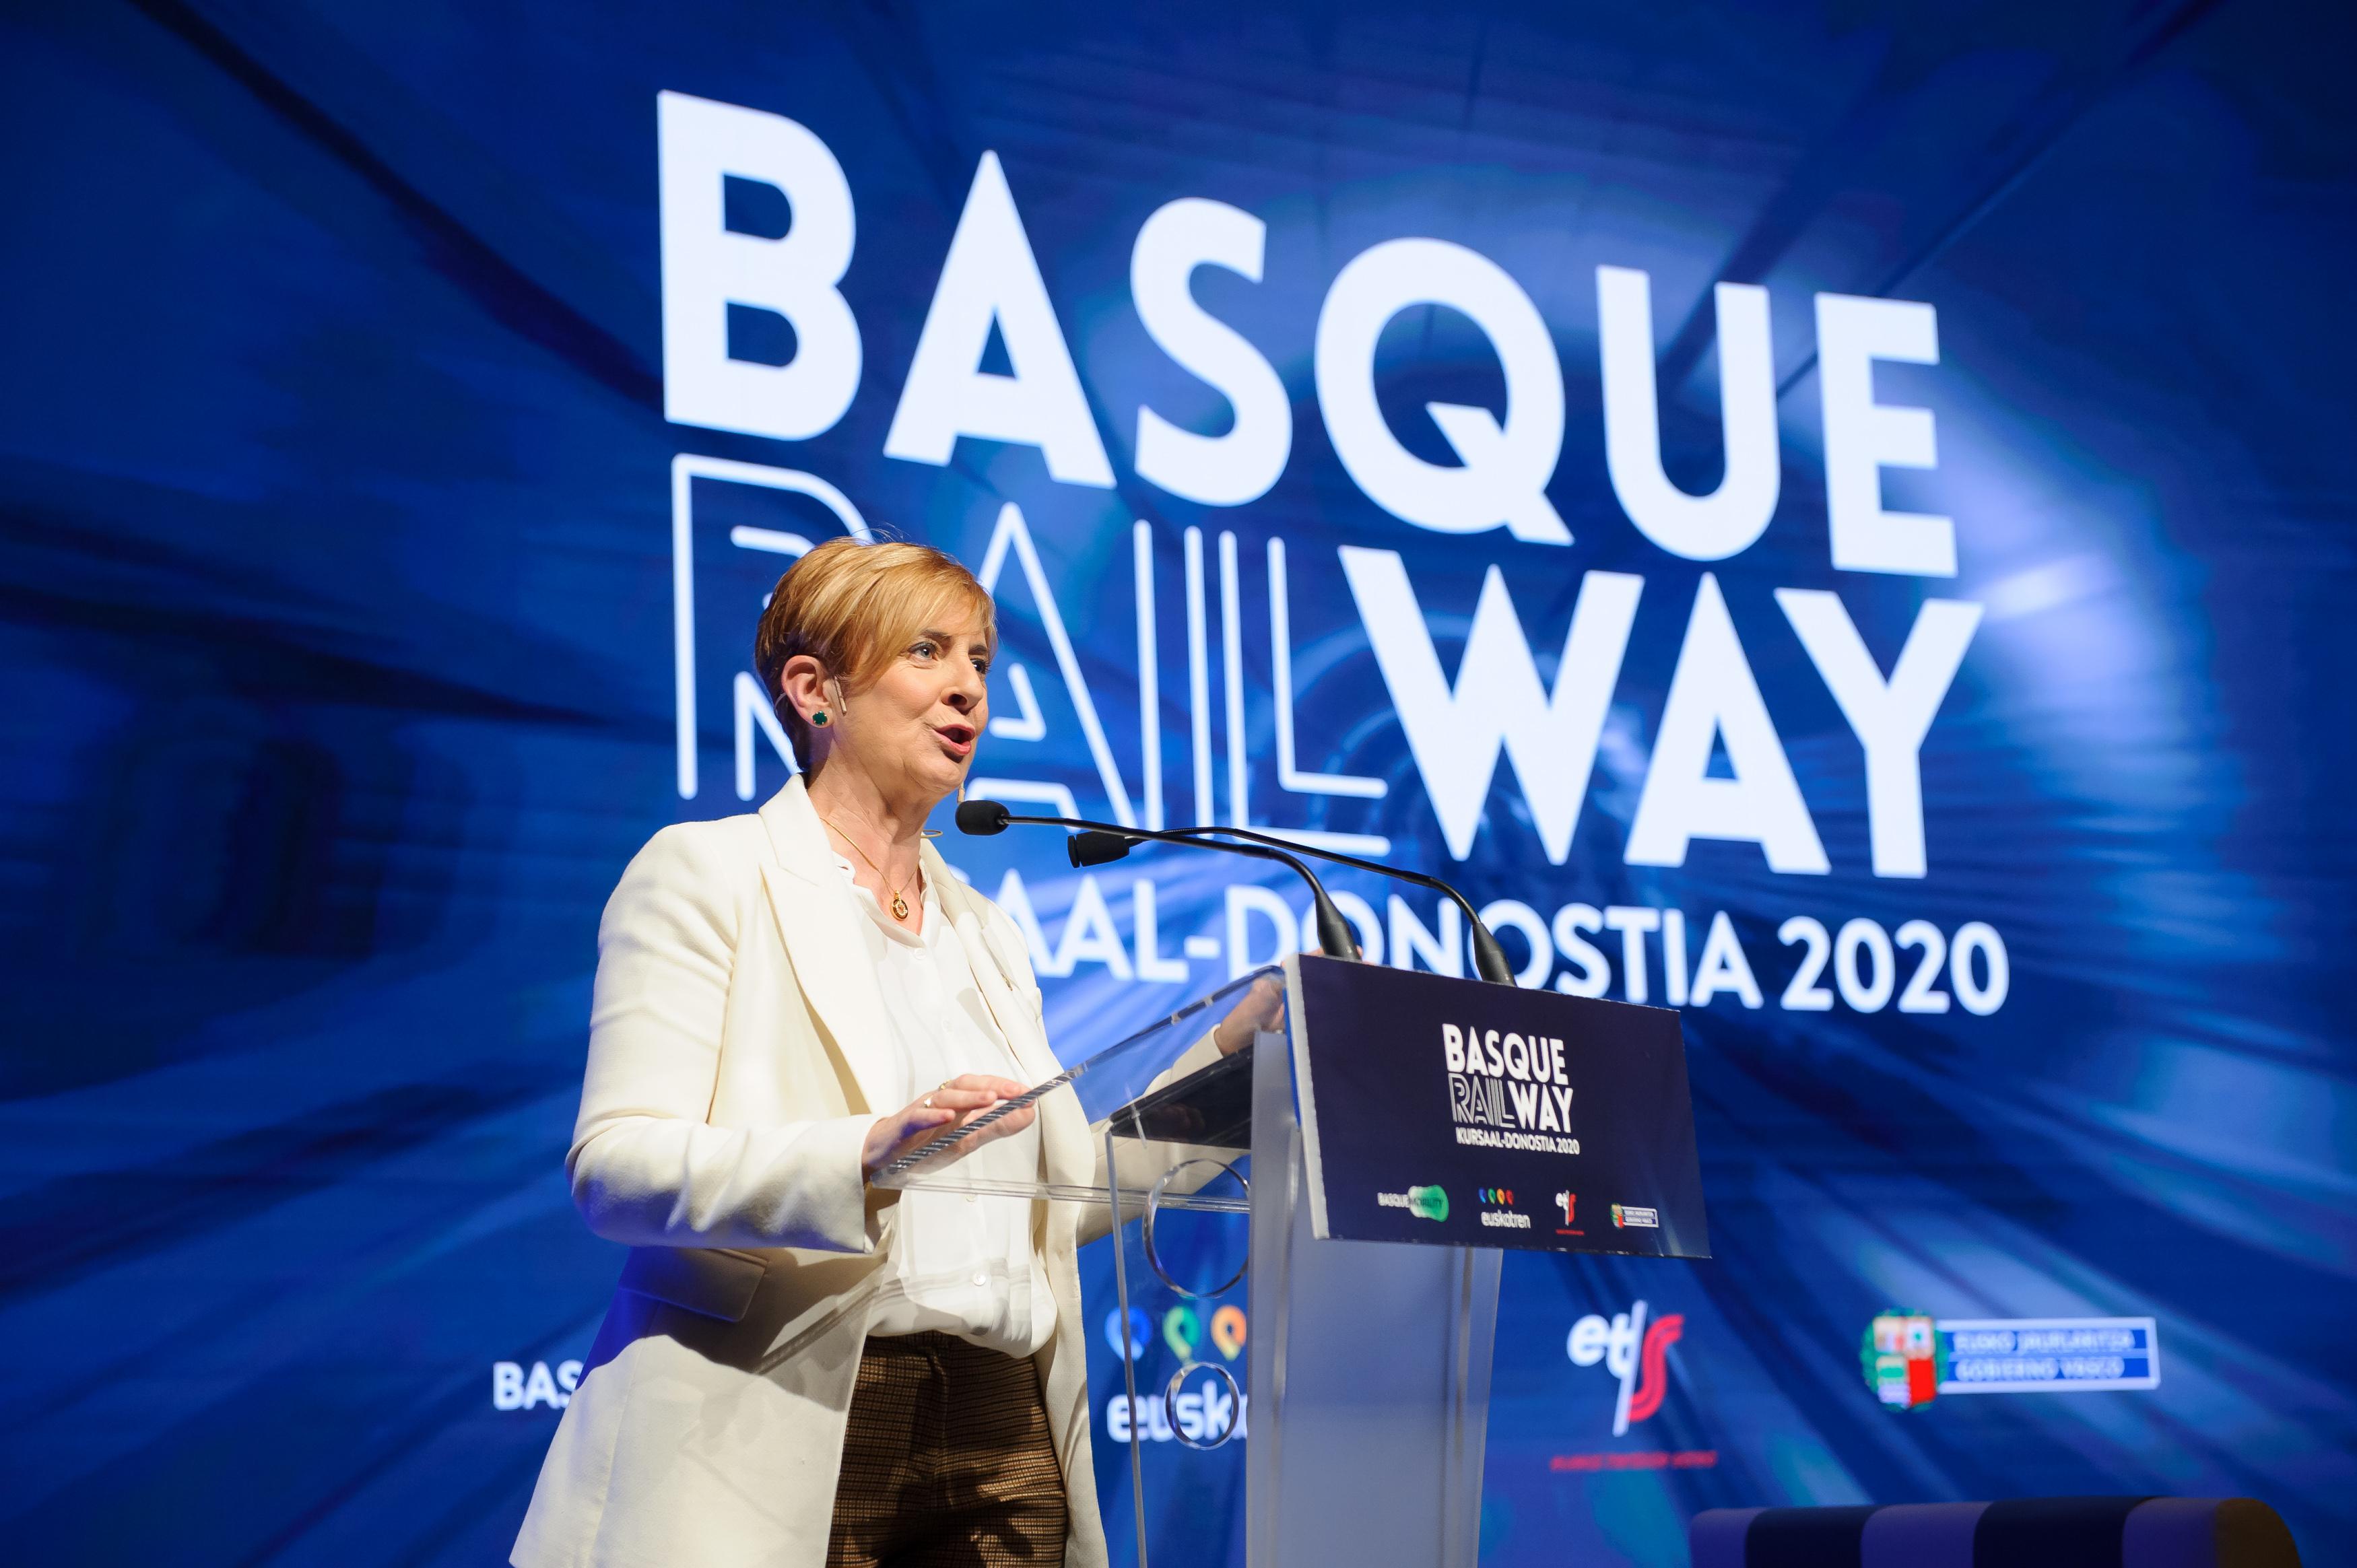 """Tapia subraya en la jornada Basque Railway que la puesta en servicio de la alta velocidad supondrá """"una revolución en la movilidad en Euskadi"""" [10:43]"""